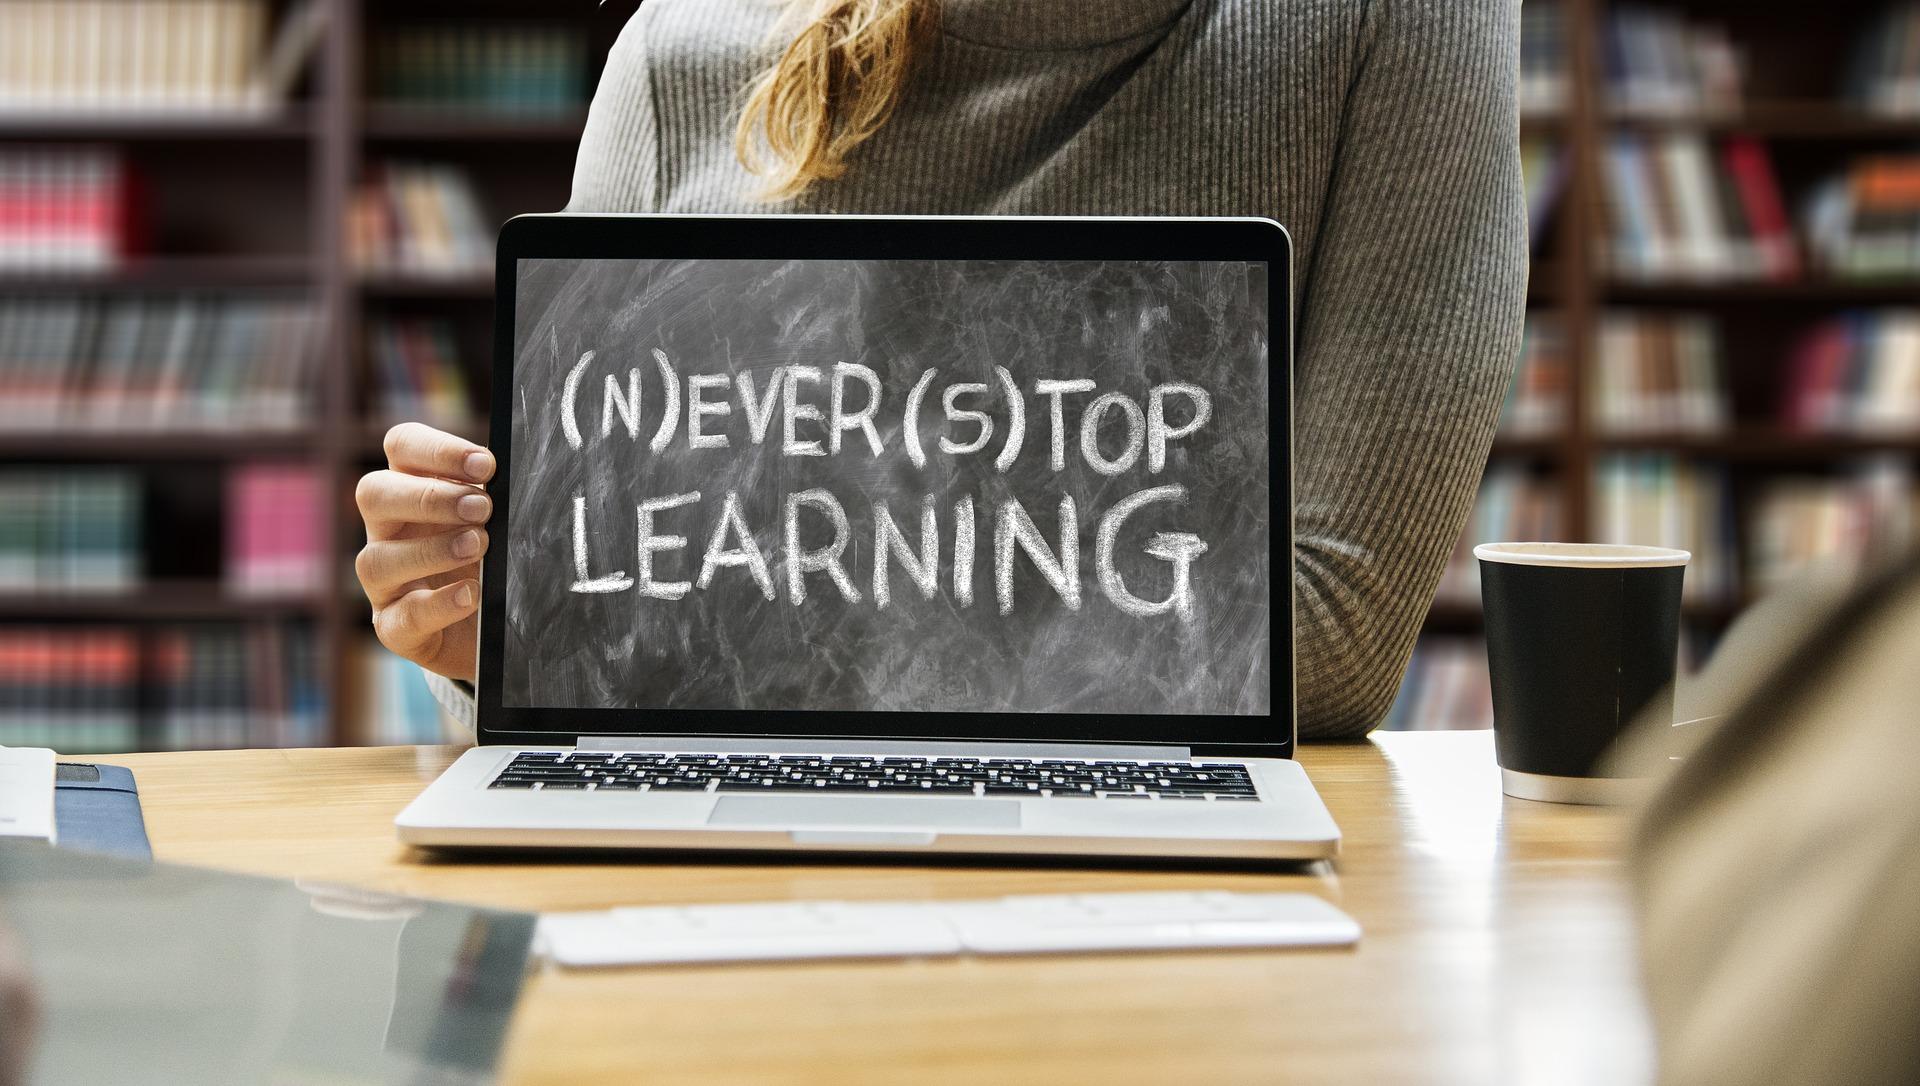 Immagine Le nuove forme della conoscenza e i nuovi modi di apprendere